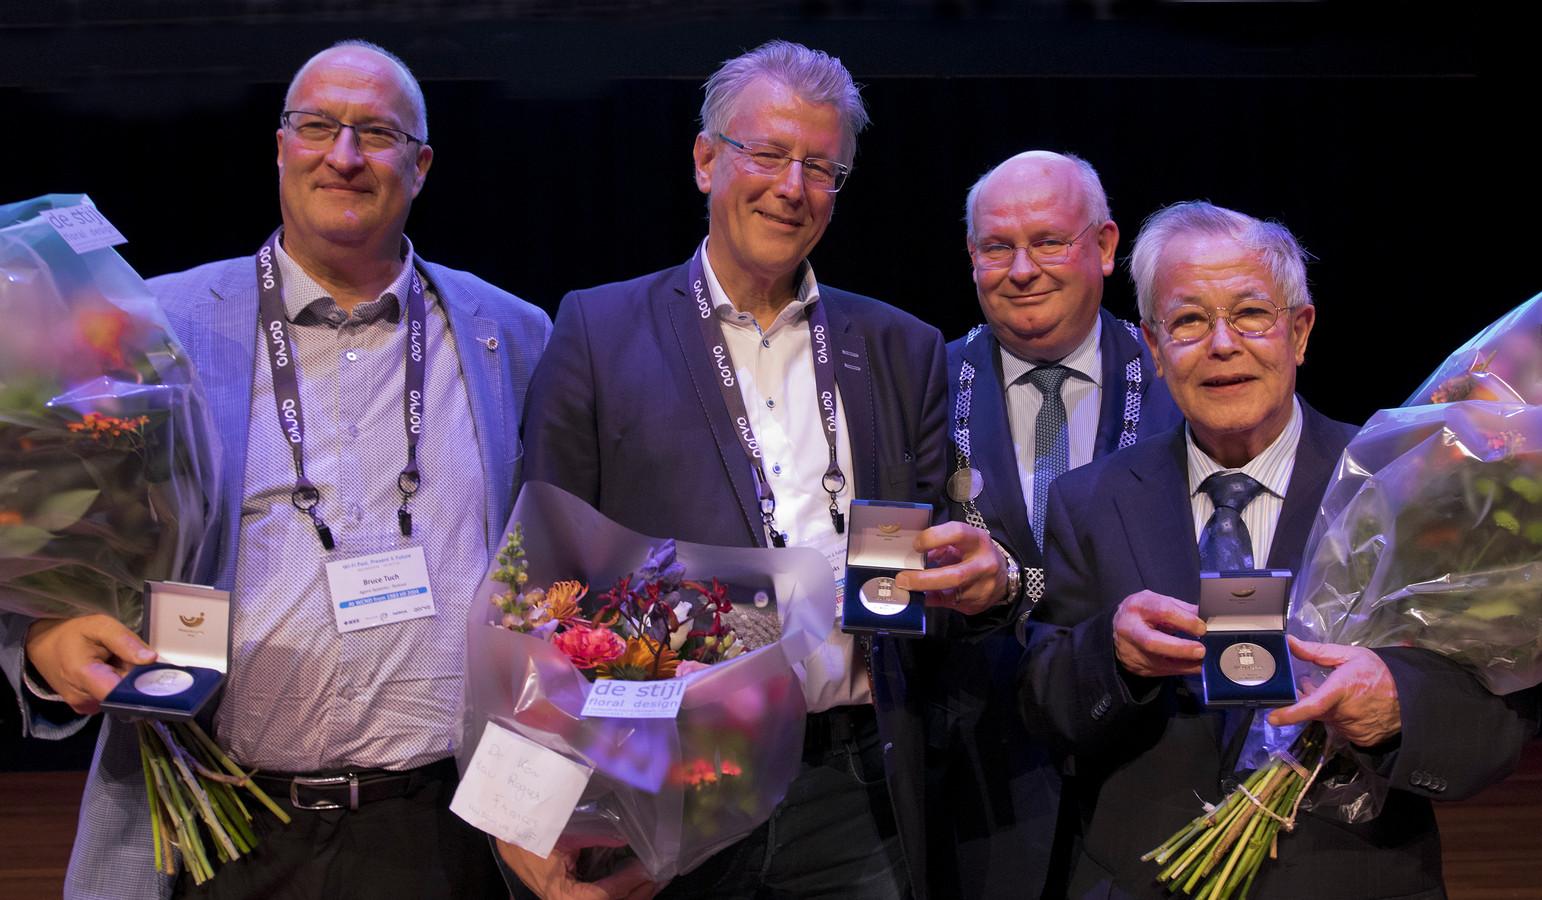 Drie heren die een sleutelrol hebben vervuld bij de uitvinding van WaveLAN, de voorloper van wifi, kregen de stadspenning van Nieuwegein van burgemeester Backhuijs. Middelste van de drie is Cees Links.